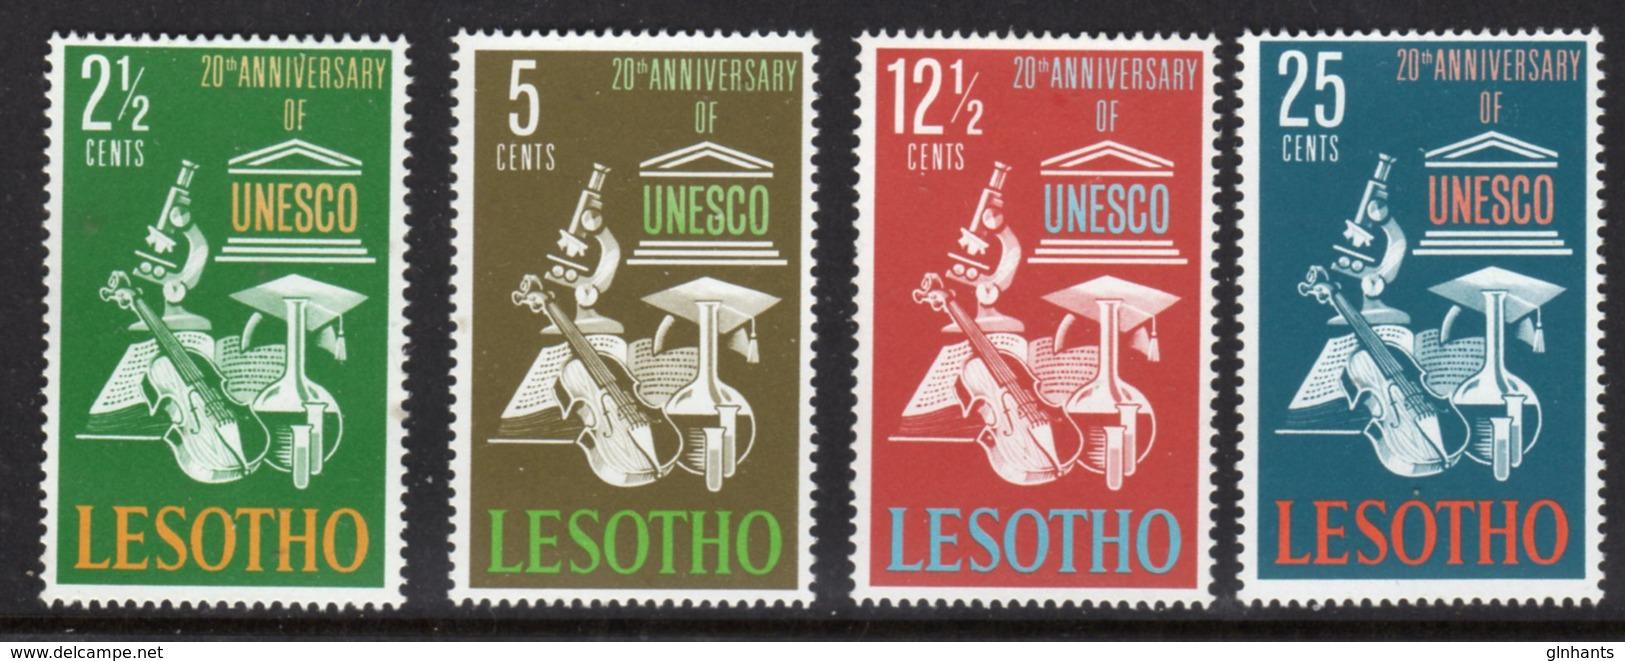 LESOTHO  - 1966 UNESCO ANNIVERSARY SET (4V) FINE MOUNTED MINT MM * SG 121-124 - Lesotho (1966-...)